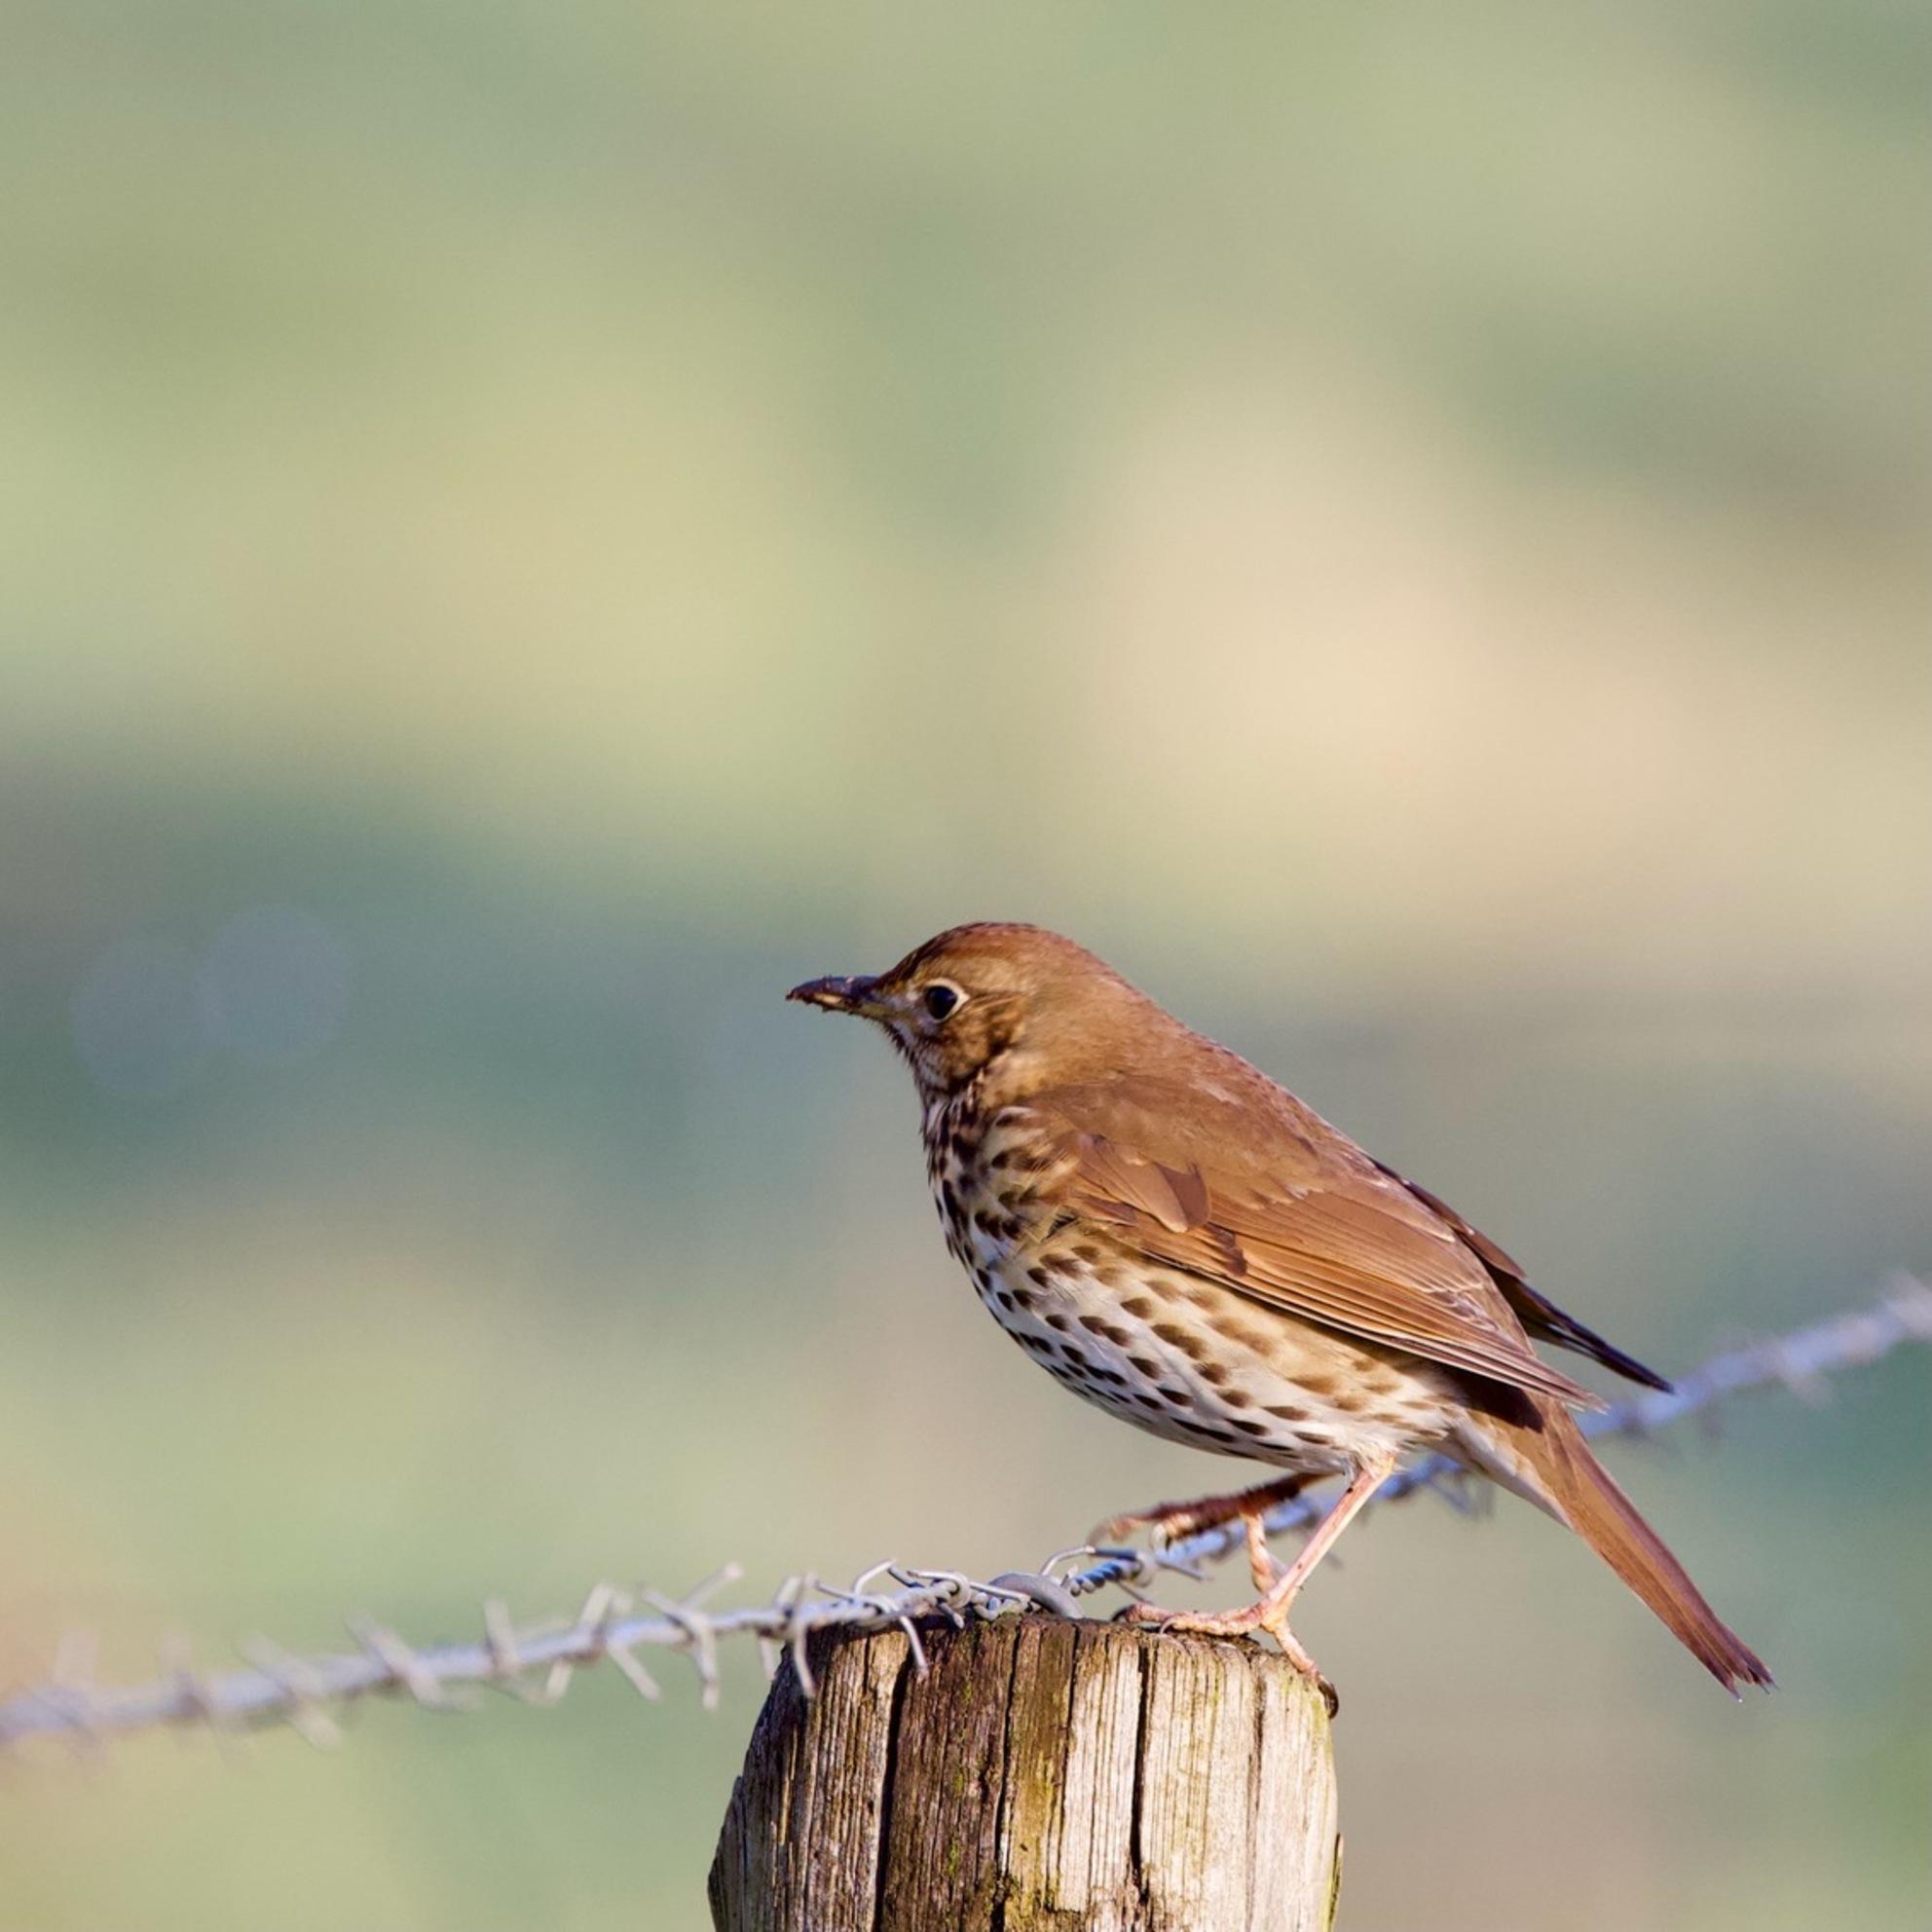 Zanglijster - Ik heb deze opname al eerder geüpdatet, nu iets gecropt zoals      Fred-horst en Jan Houben hadden voorgesteld om meer rust te krijgen op de opname.  - foto door de-lasser2019 op 28-02-2021 - deze foto bevat: natuur, dieren, vogel, zanglijster